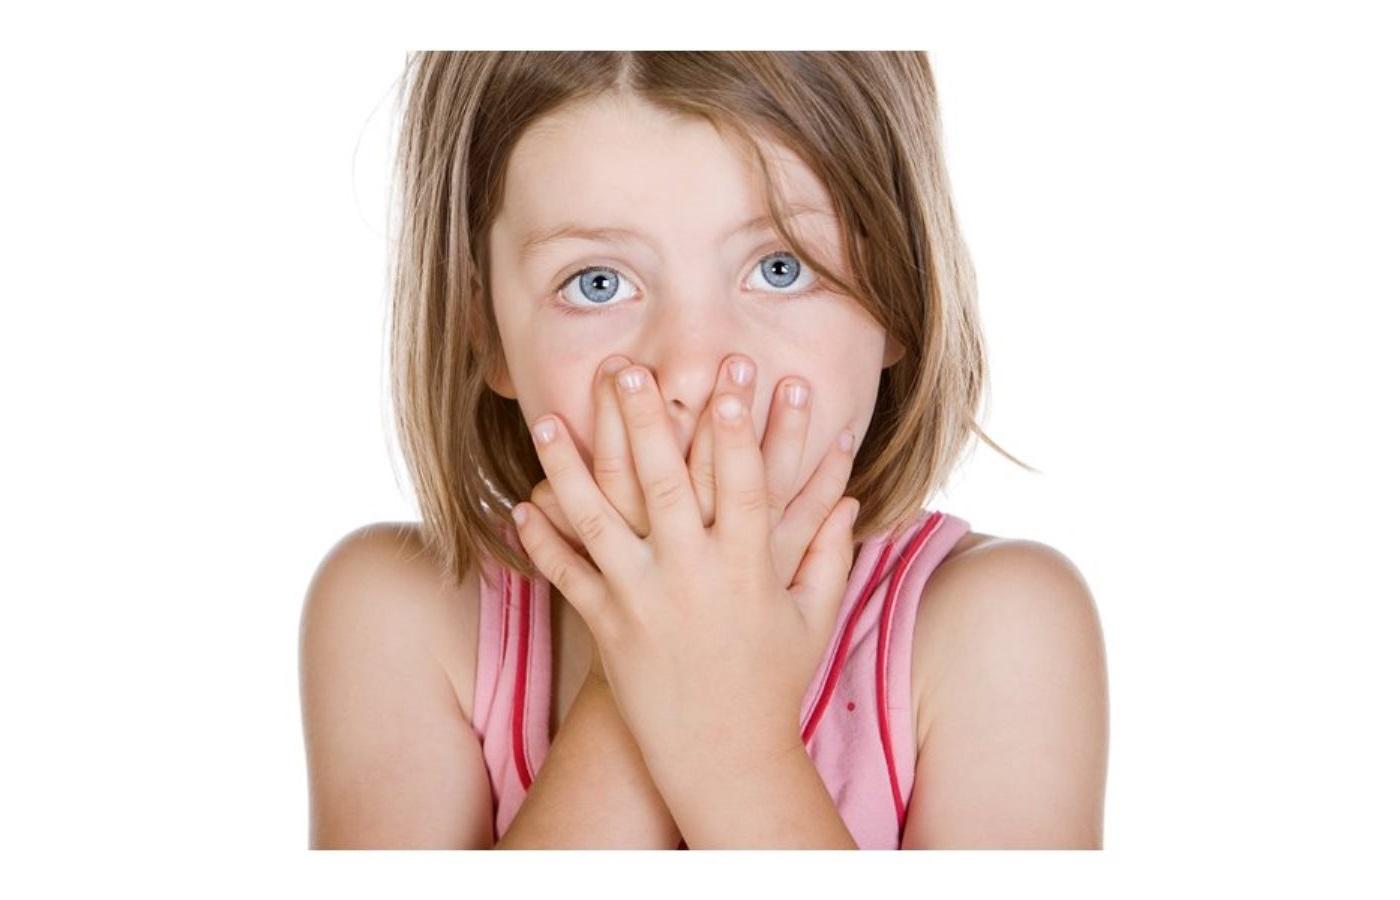 رعایت نکردن بهداشت دهان و دندان شایعترین دلیل ابتلا کودکان به هالتوز یا بوی بد دهان کودکان است